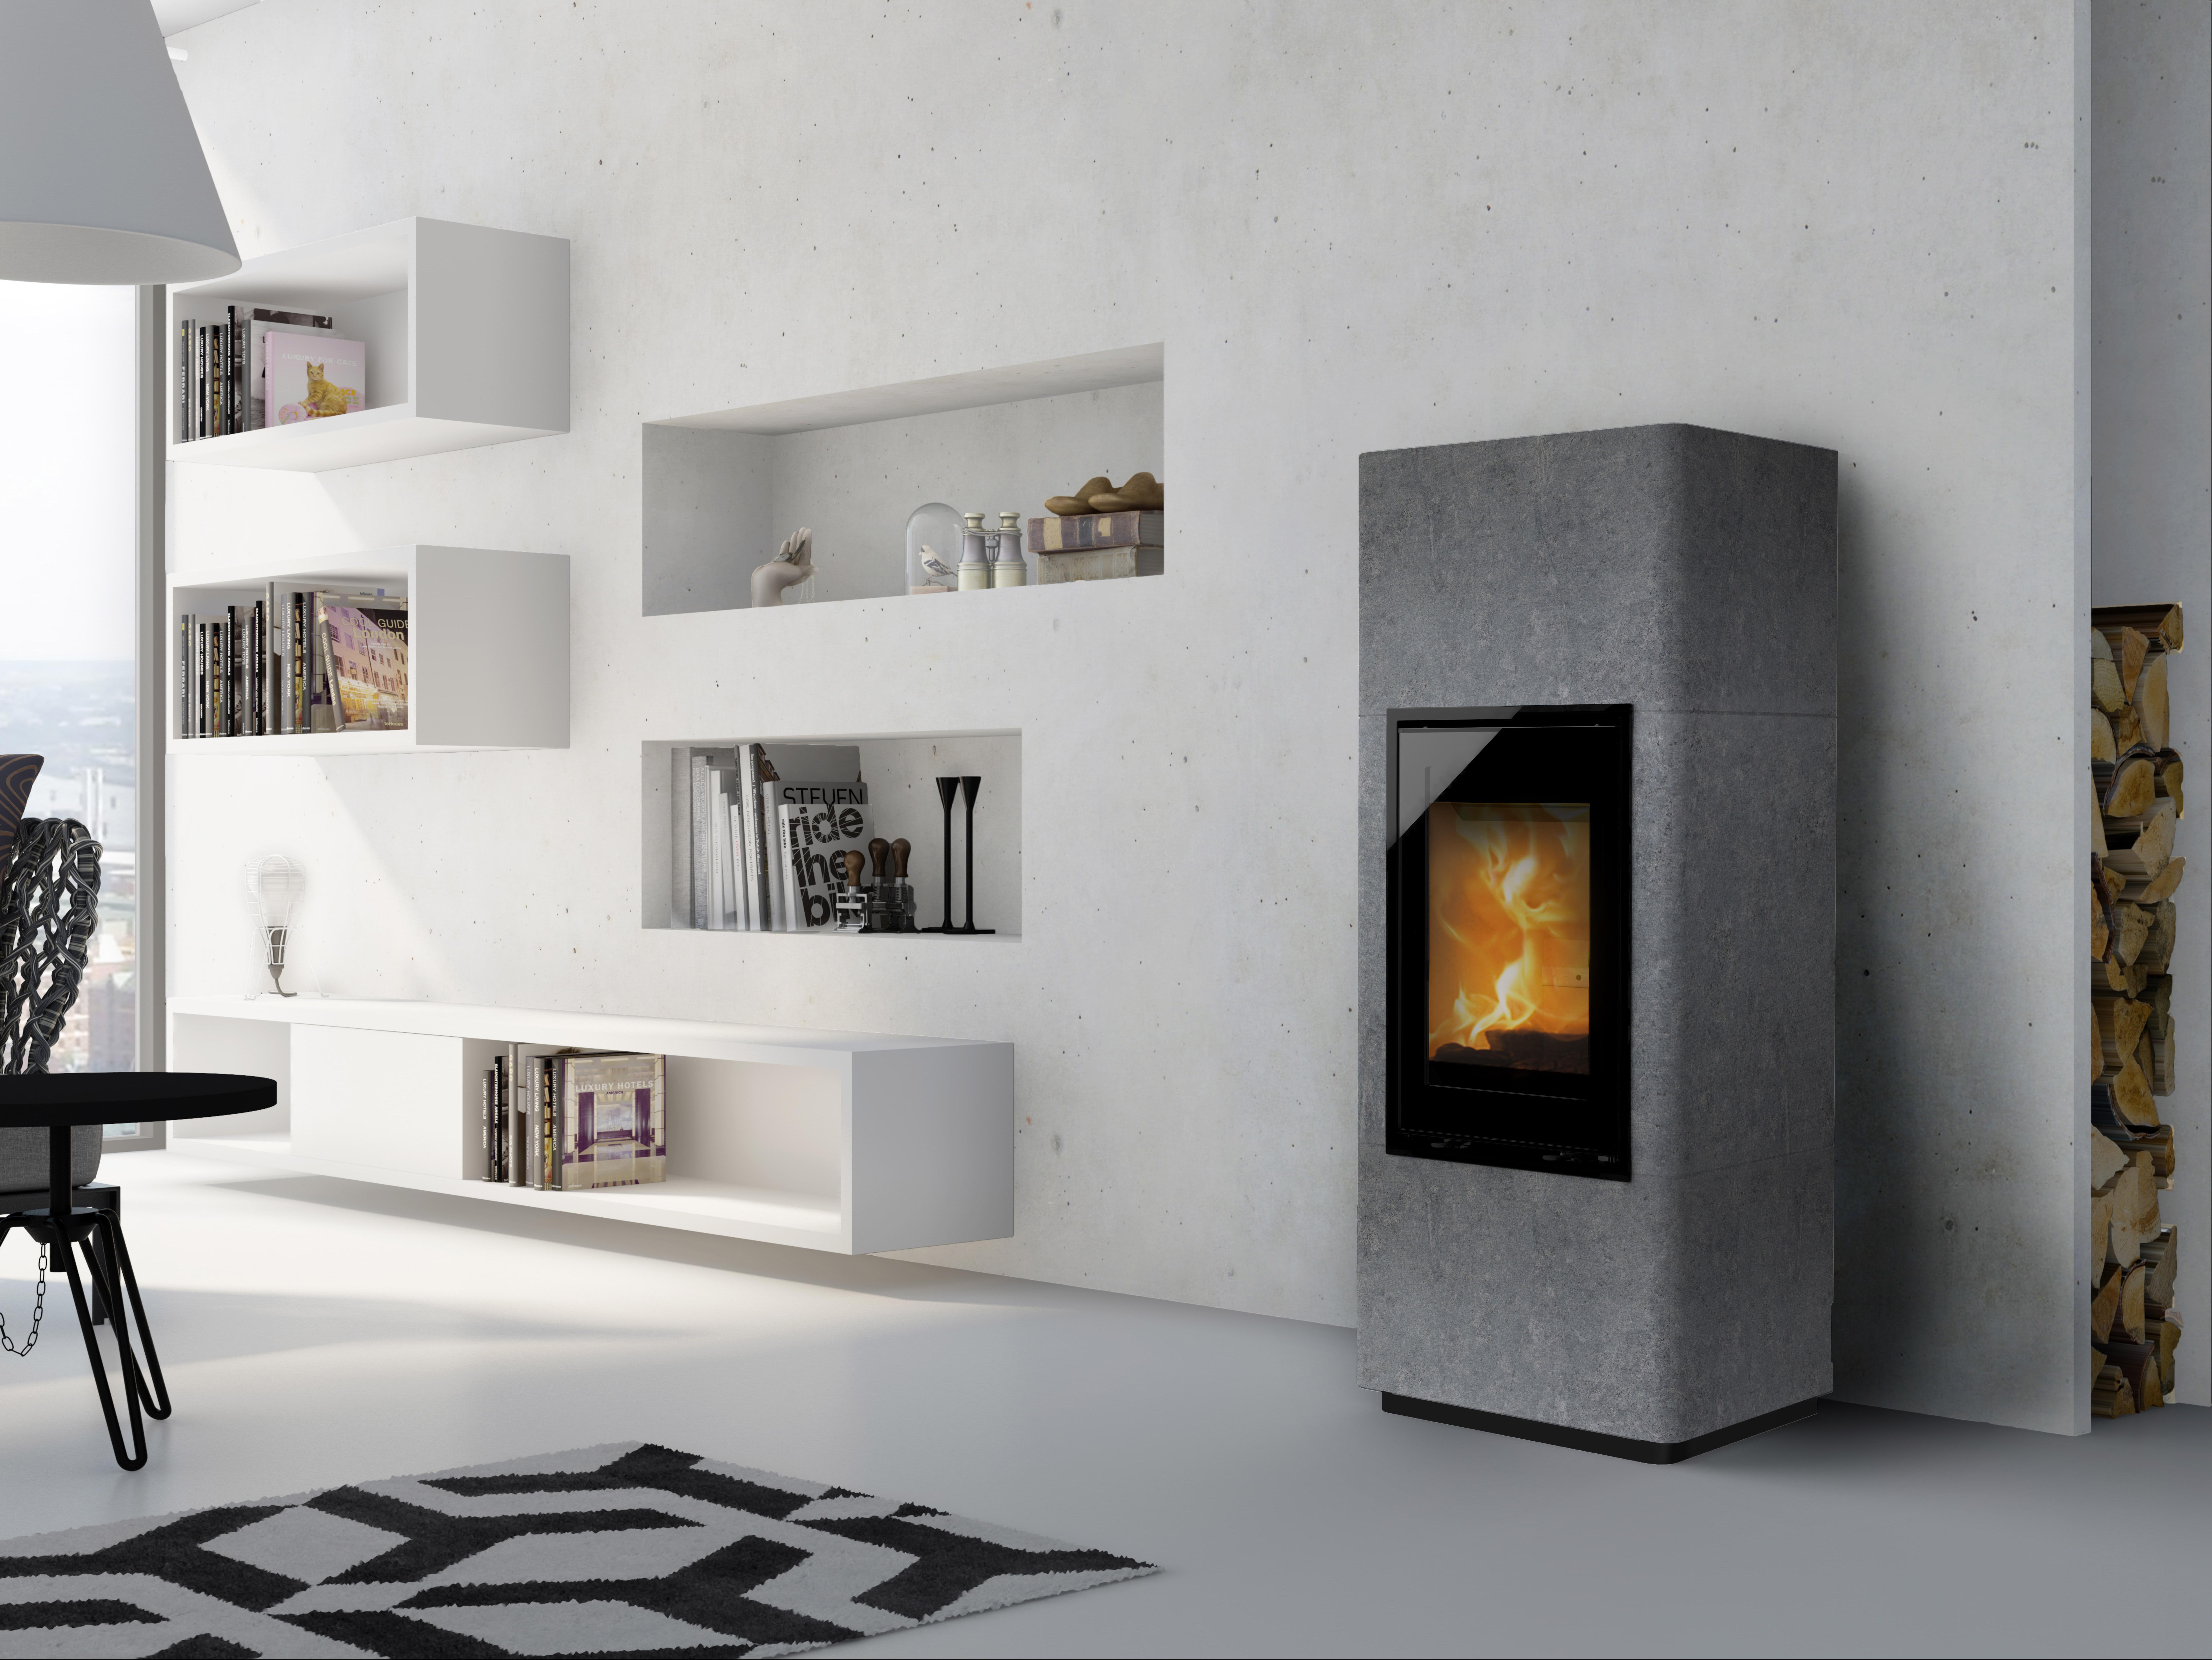 herzlich willkommen bei ofenhaus schleicher aus hausen. Black Bedroom Furniture Sets. Home Design Ideas